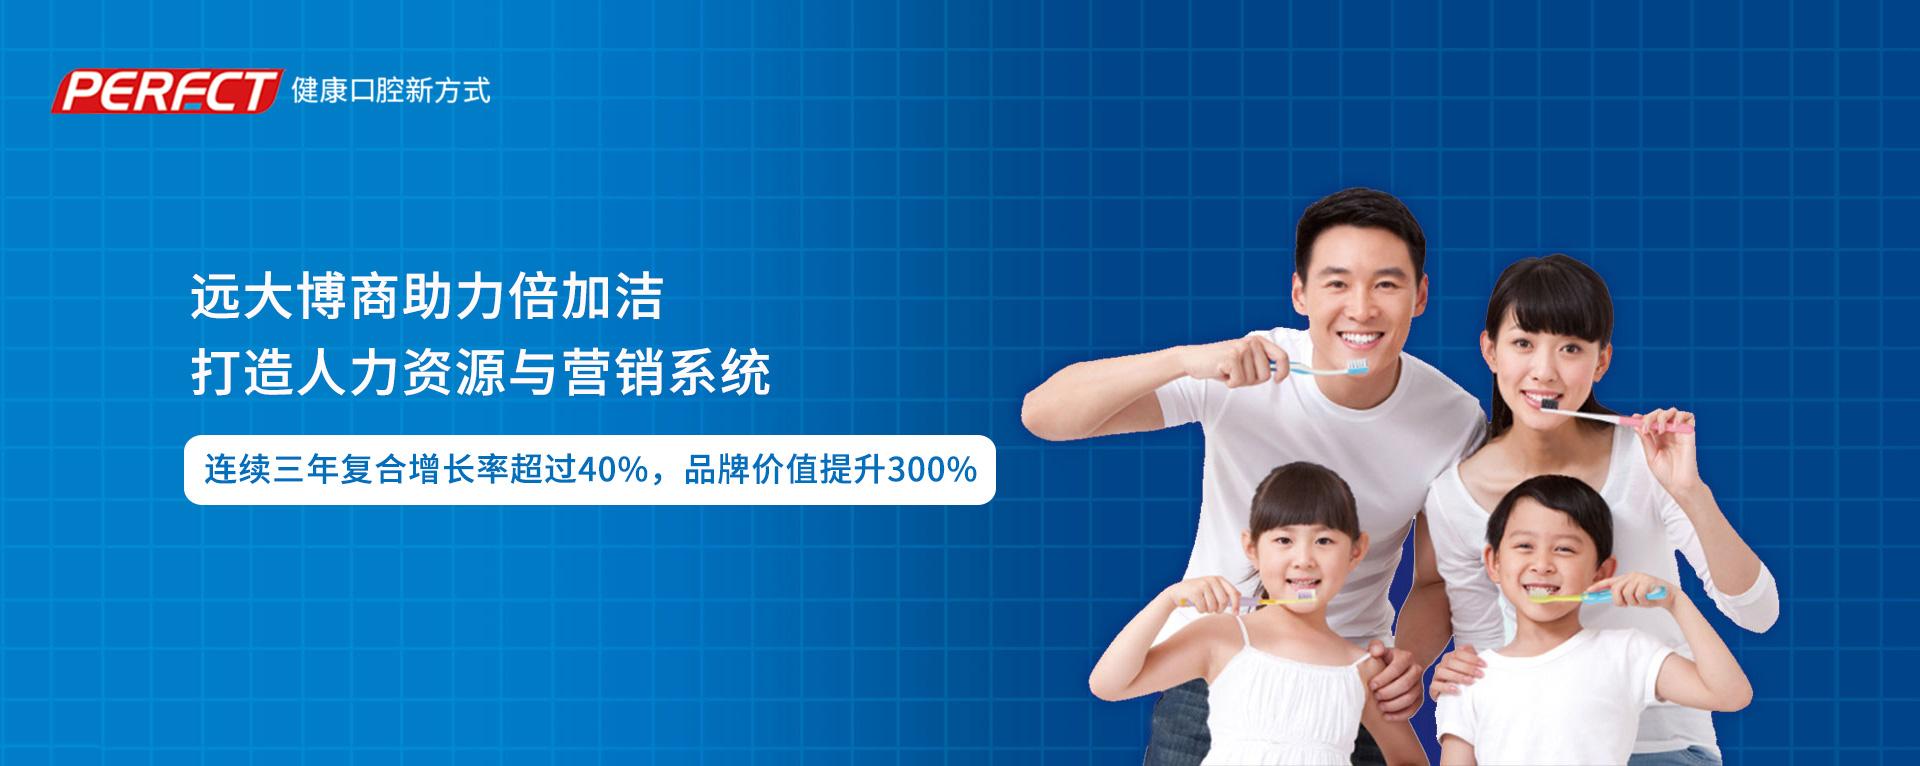 深圳显盈科技股份落地IPD集成产品开发咨询项目